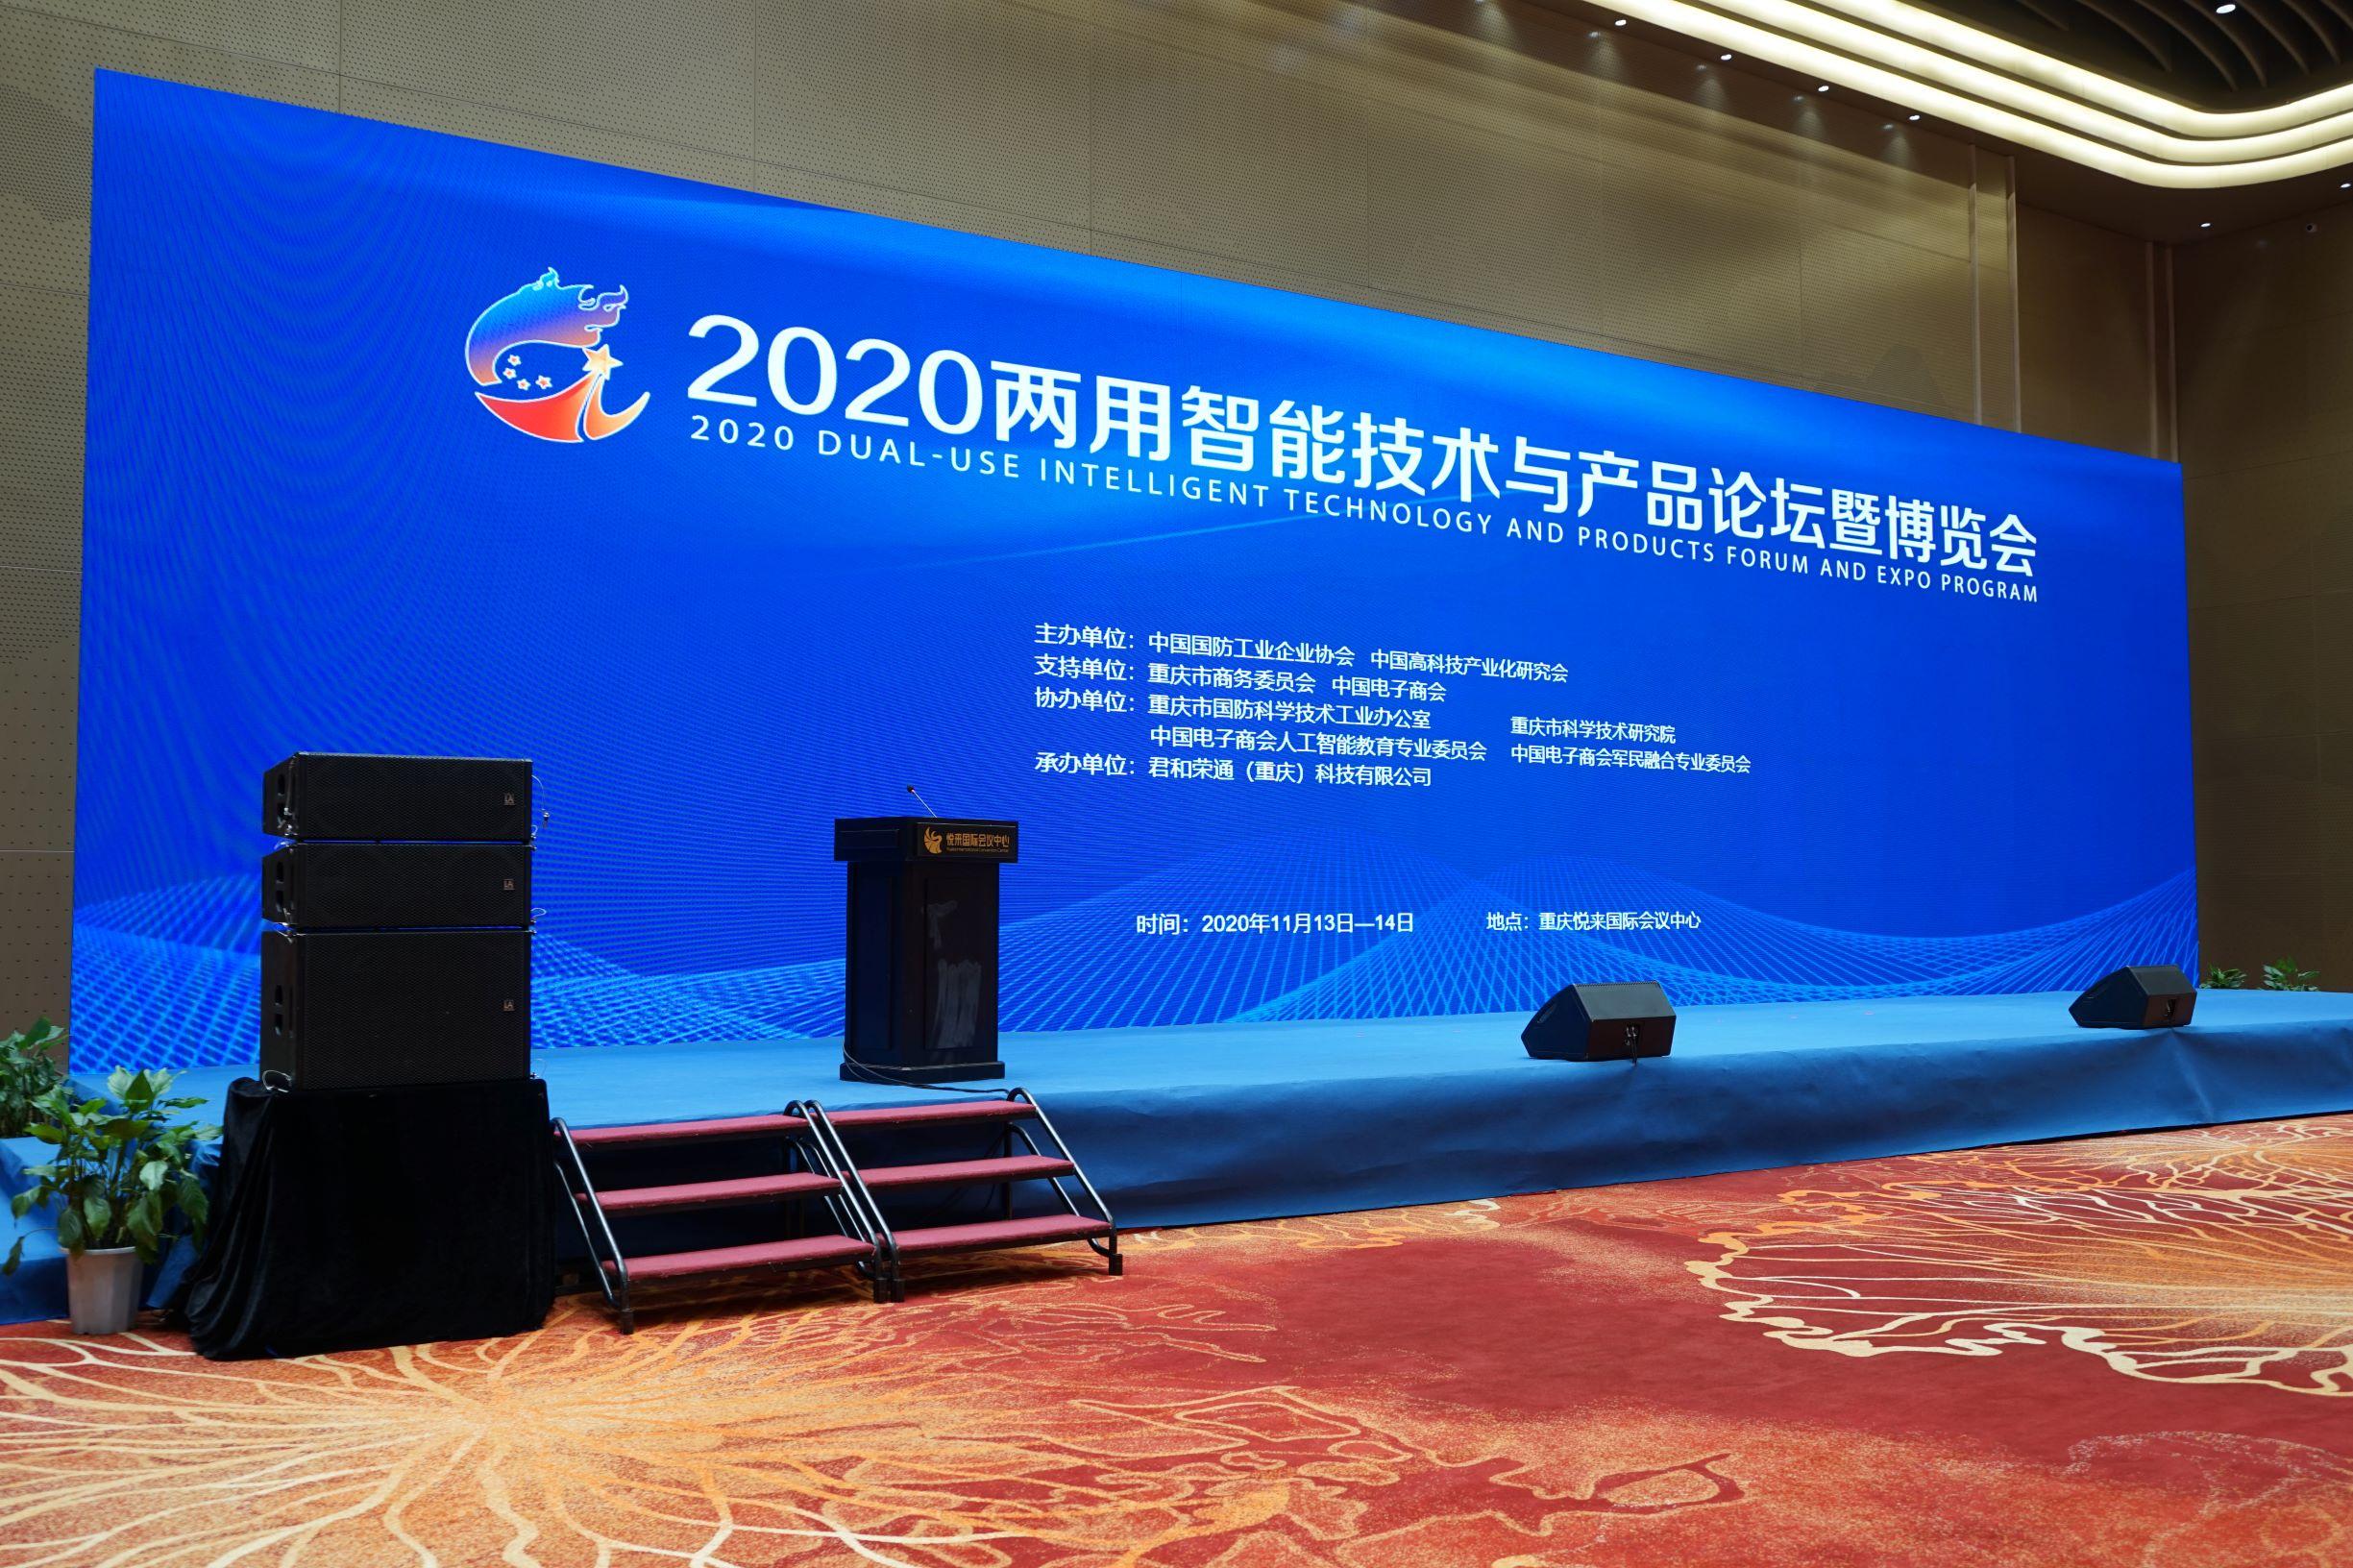 精谷智能亮相重庆暨博览会、探讨两用智能技术发展